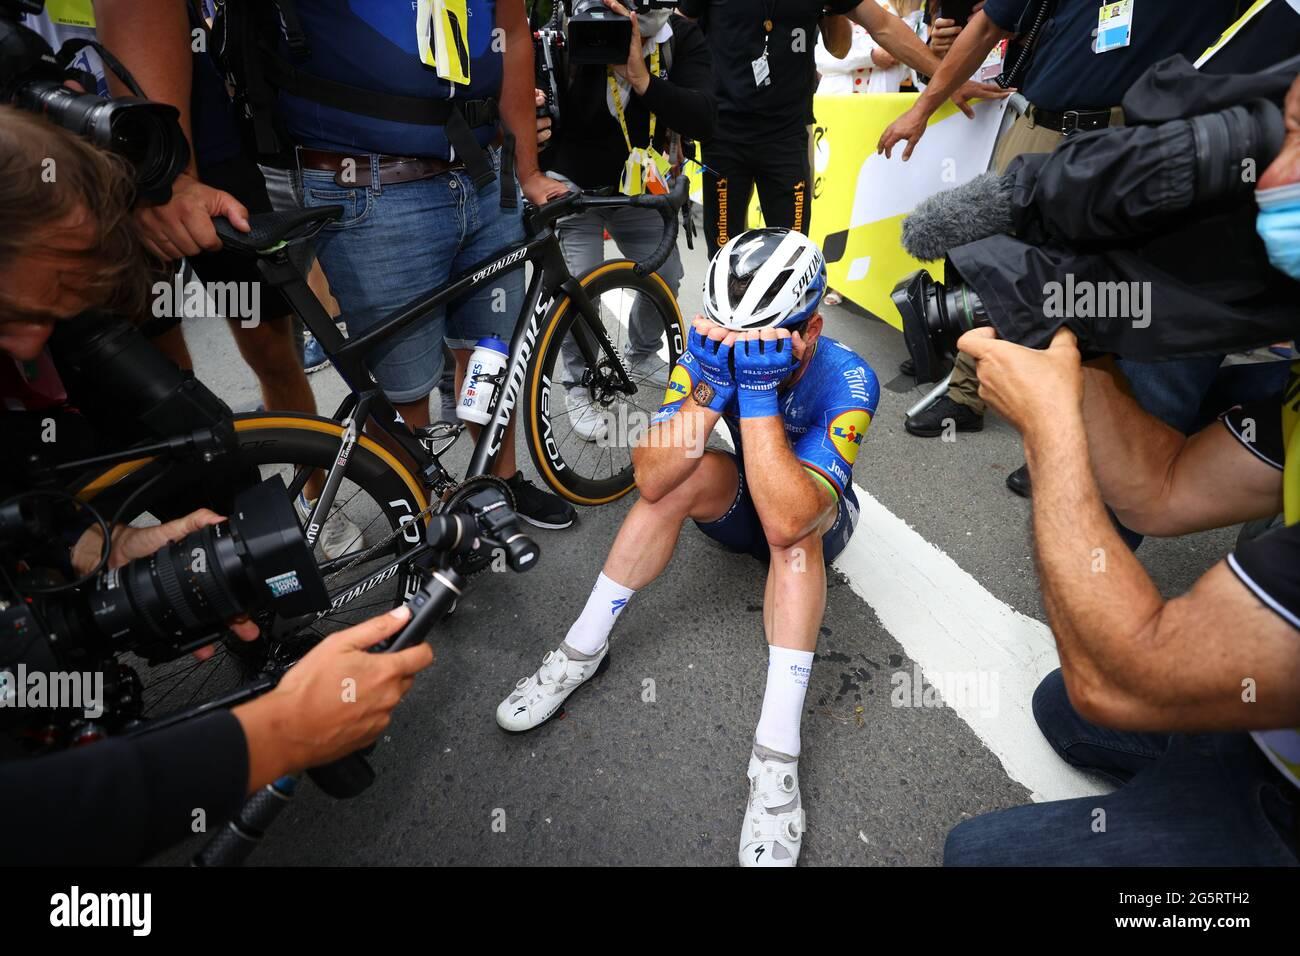 Francia, Fougeres, Redon, 29/06/2021, Tour de France 2021, fase 4, Redon a Fougeres. Mark Cavendish festeggia il traguardo e poi si siede con la testa nelle mani dopo aver vinto il palco in un finale sprint. Foto Stock